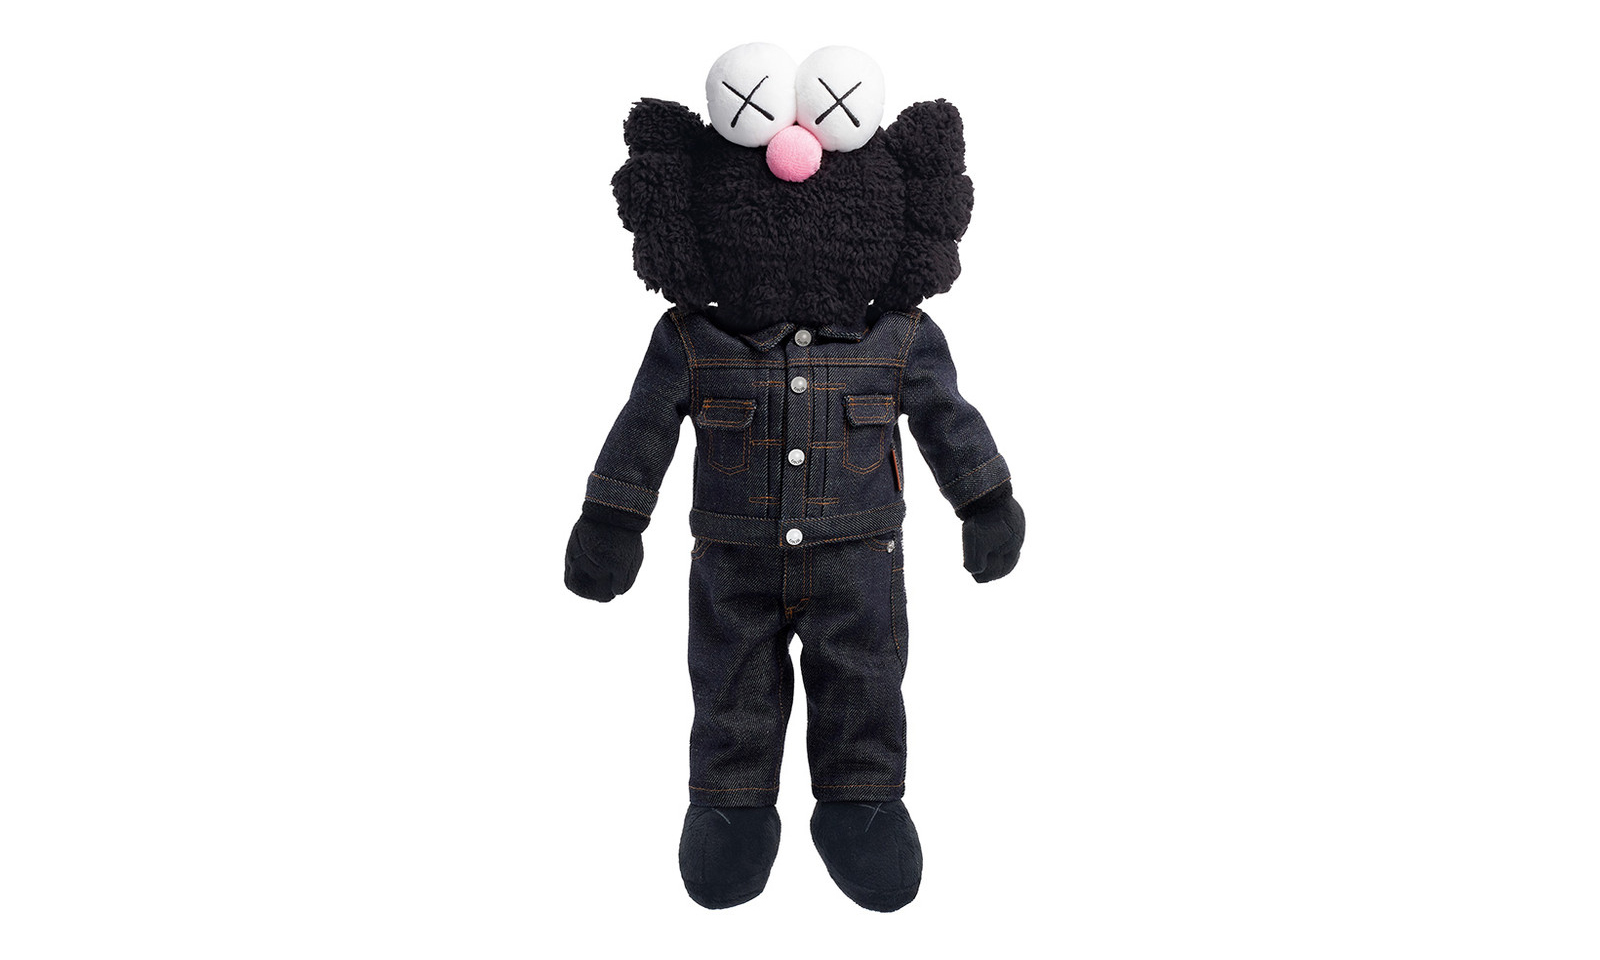 已炒至天价,Dior x KAWS 限量玩偶入手机会来了